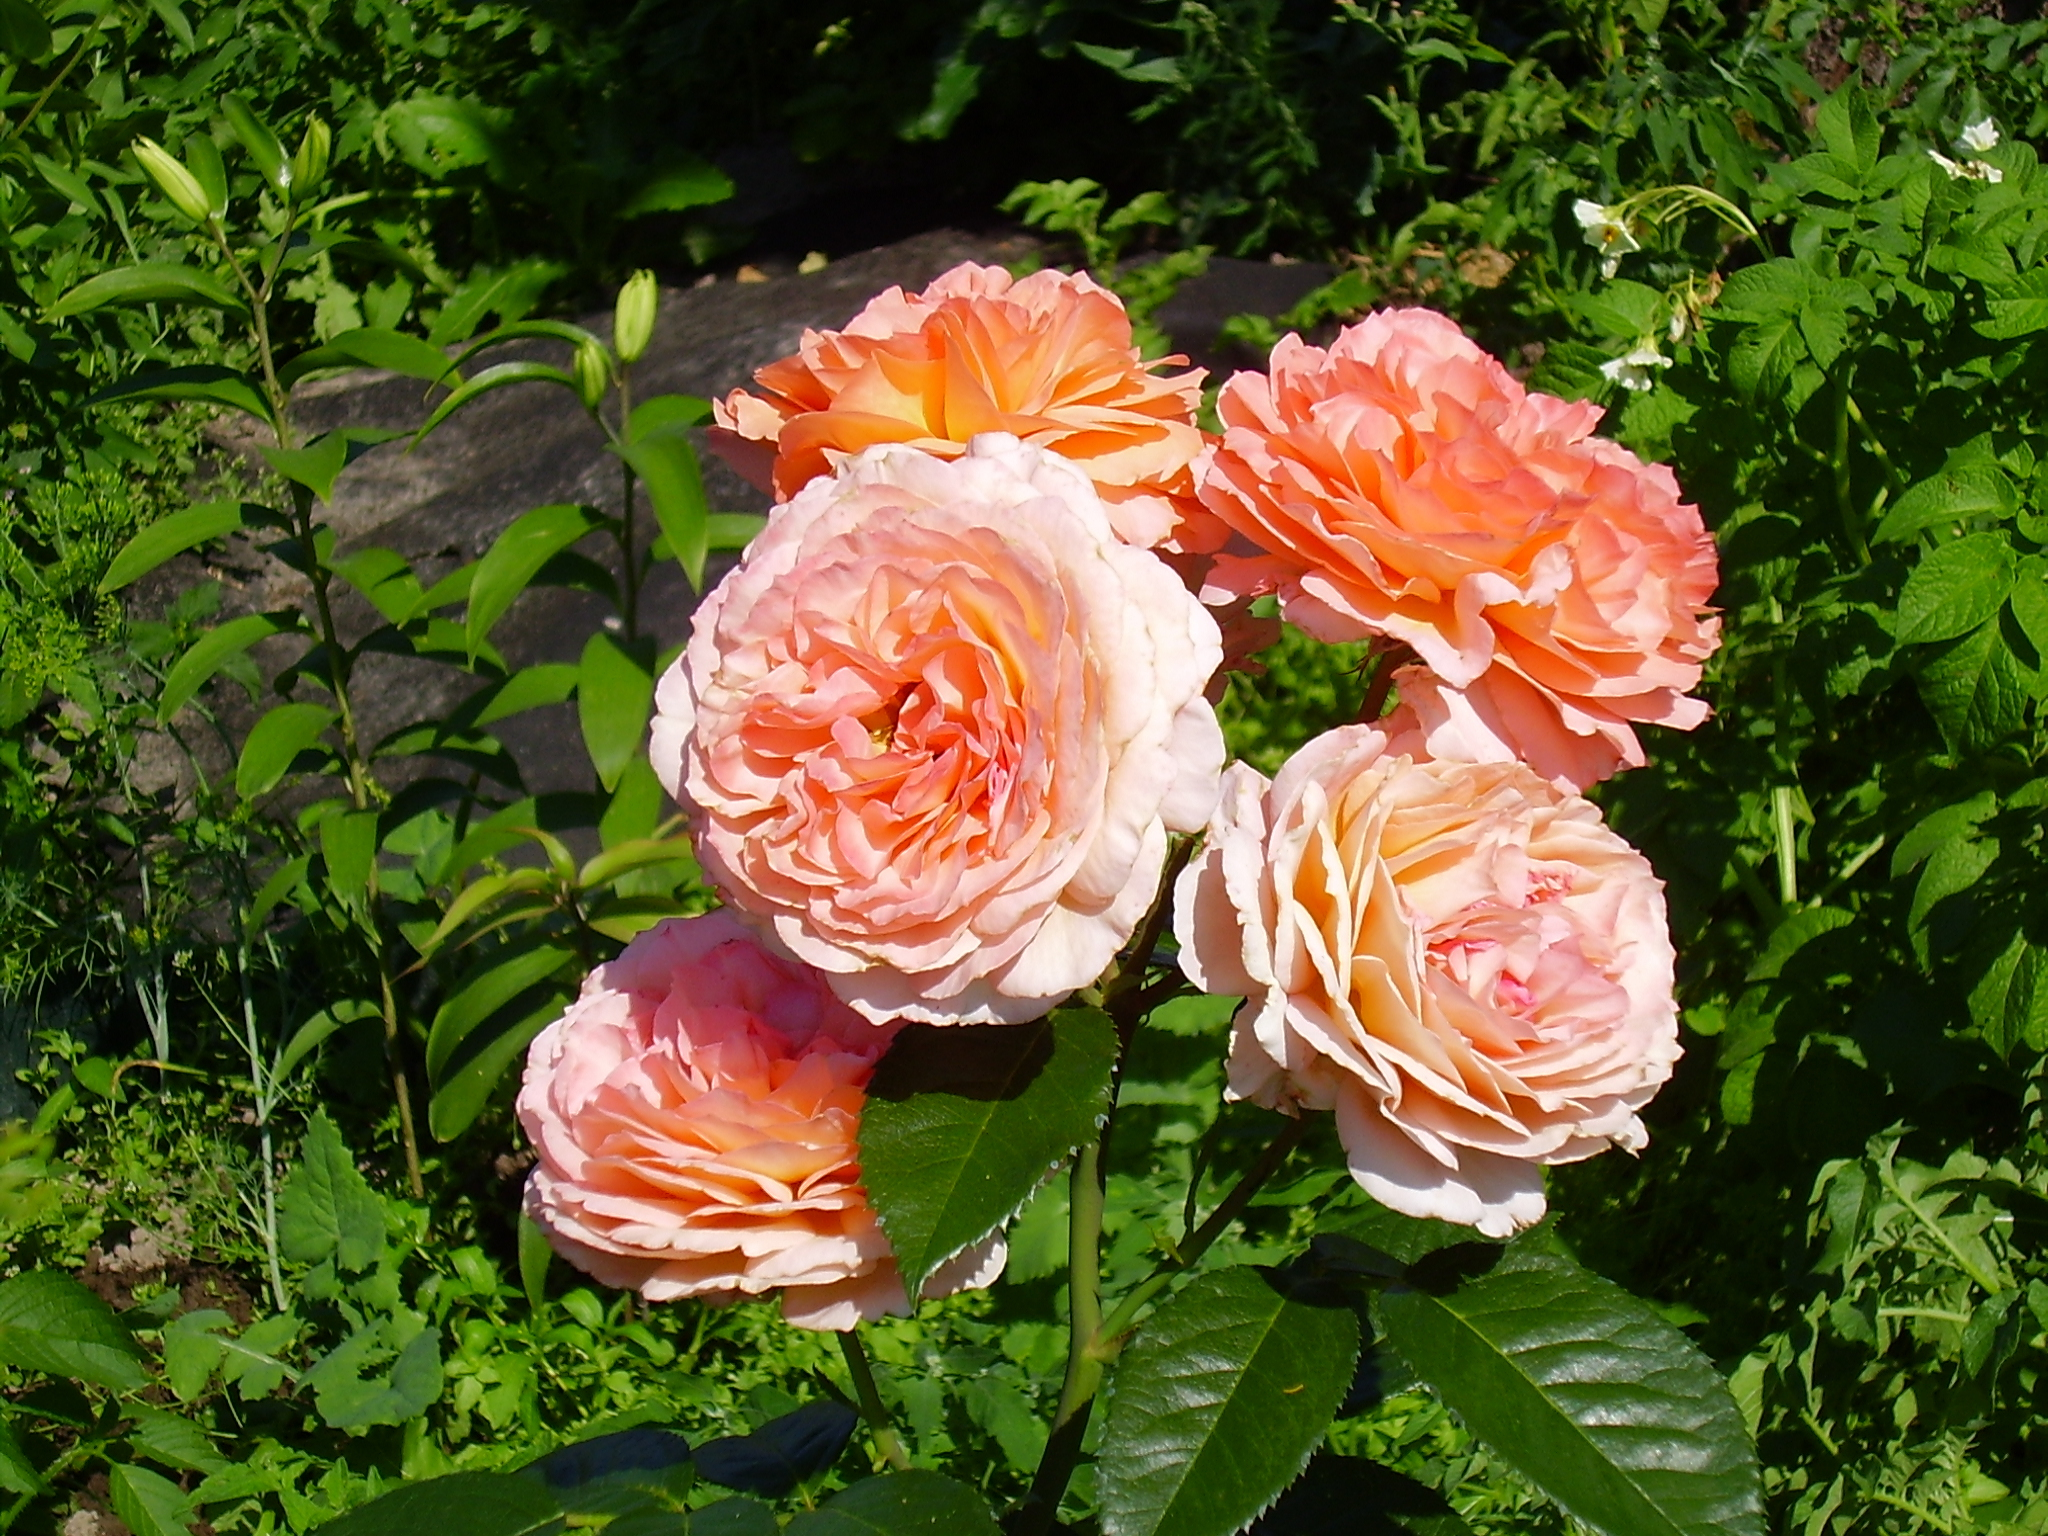 Розы с крупными цветами отлично смотрятся в стиле барокко.